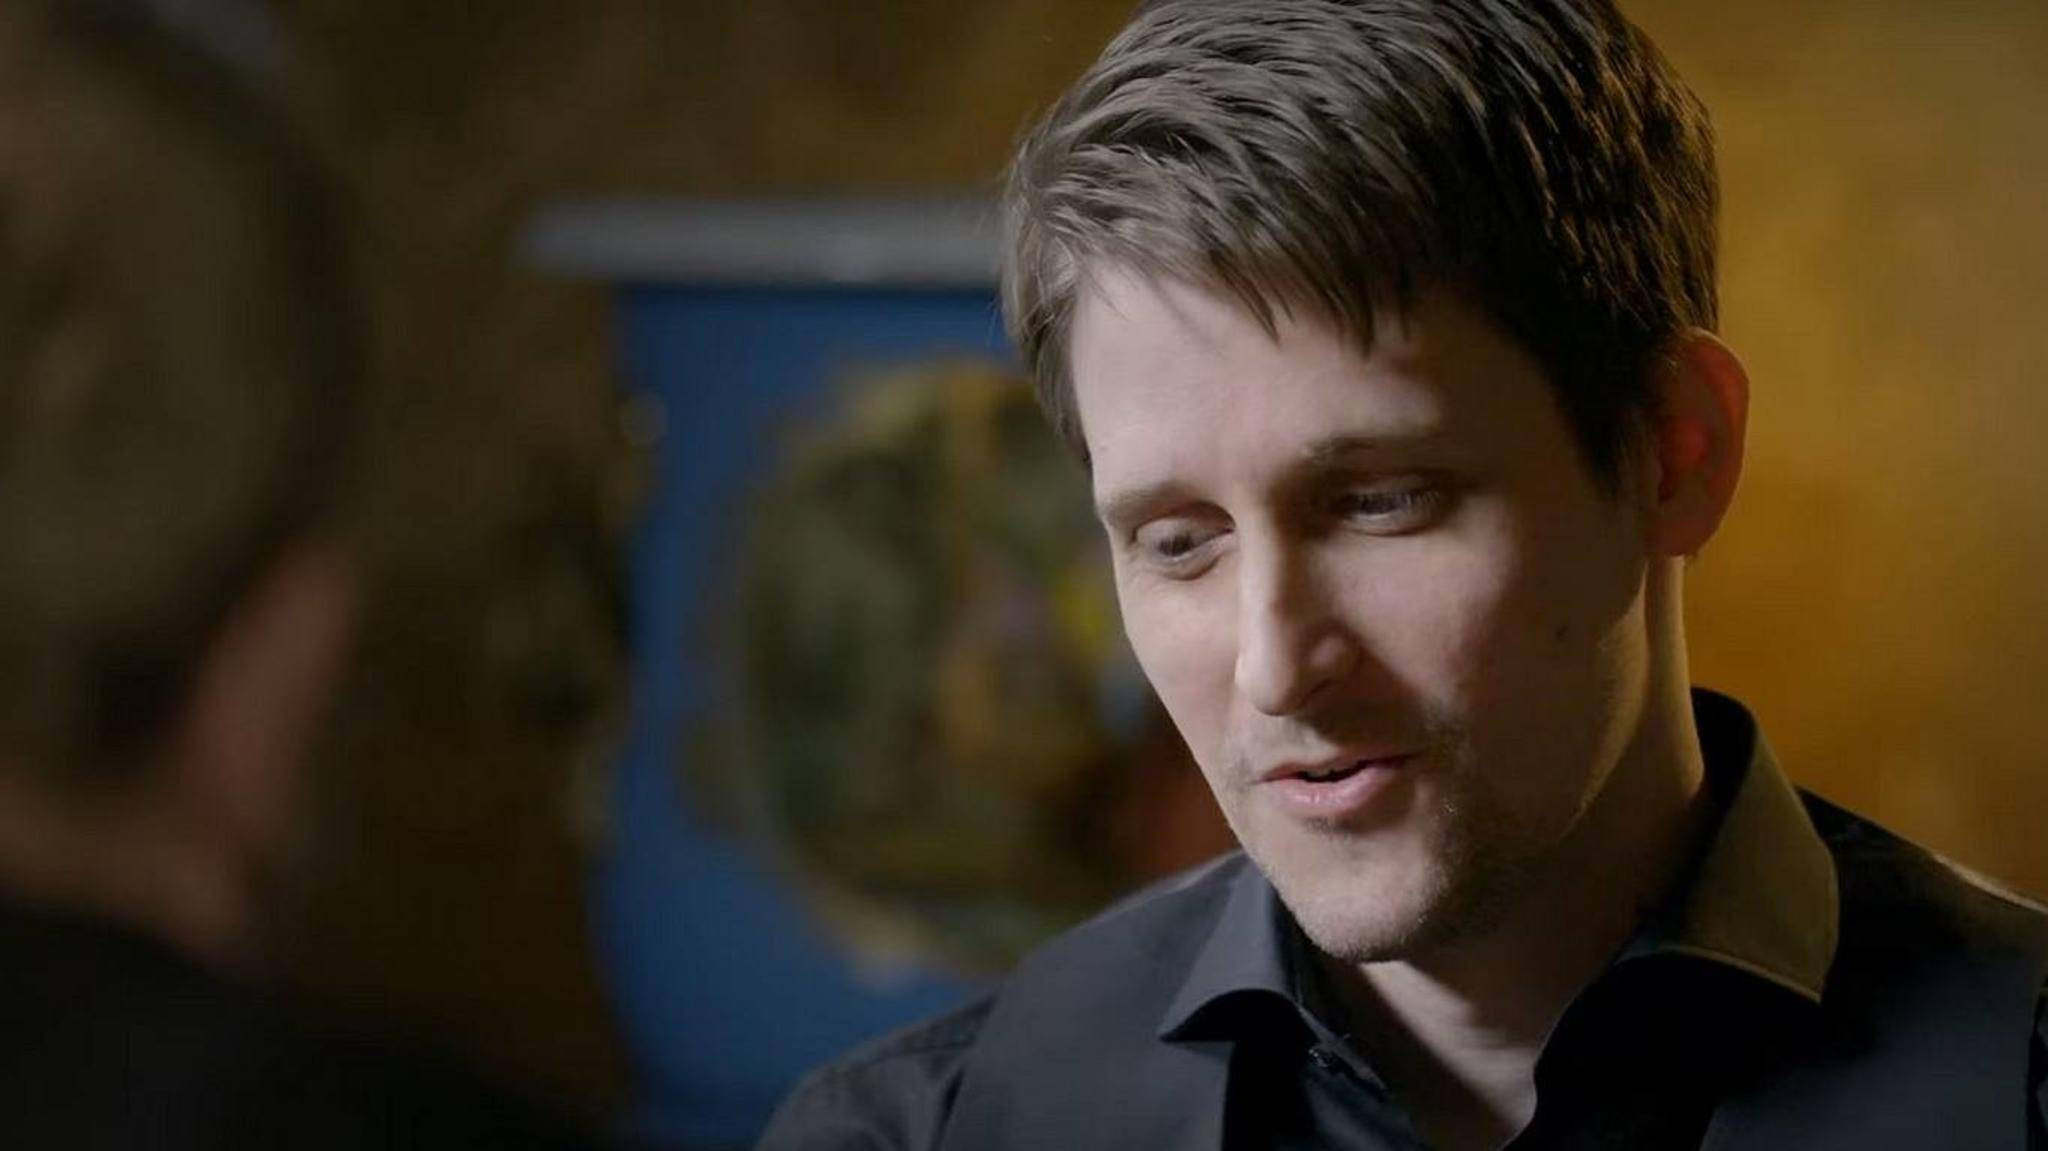 Edward Snowden vertraute Lavabit seine E-Mails an.